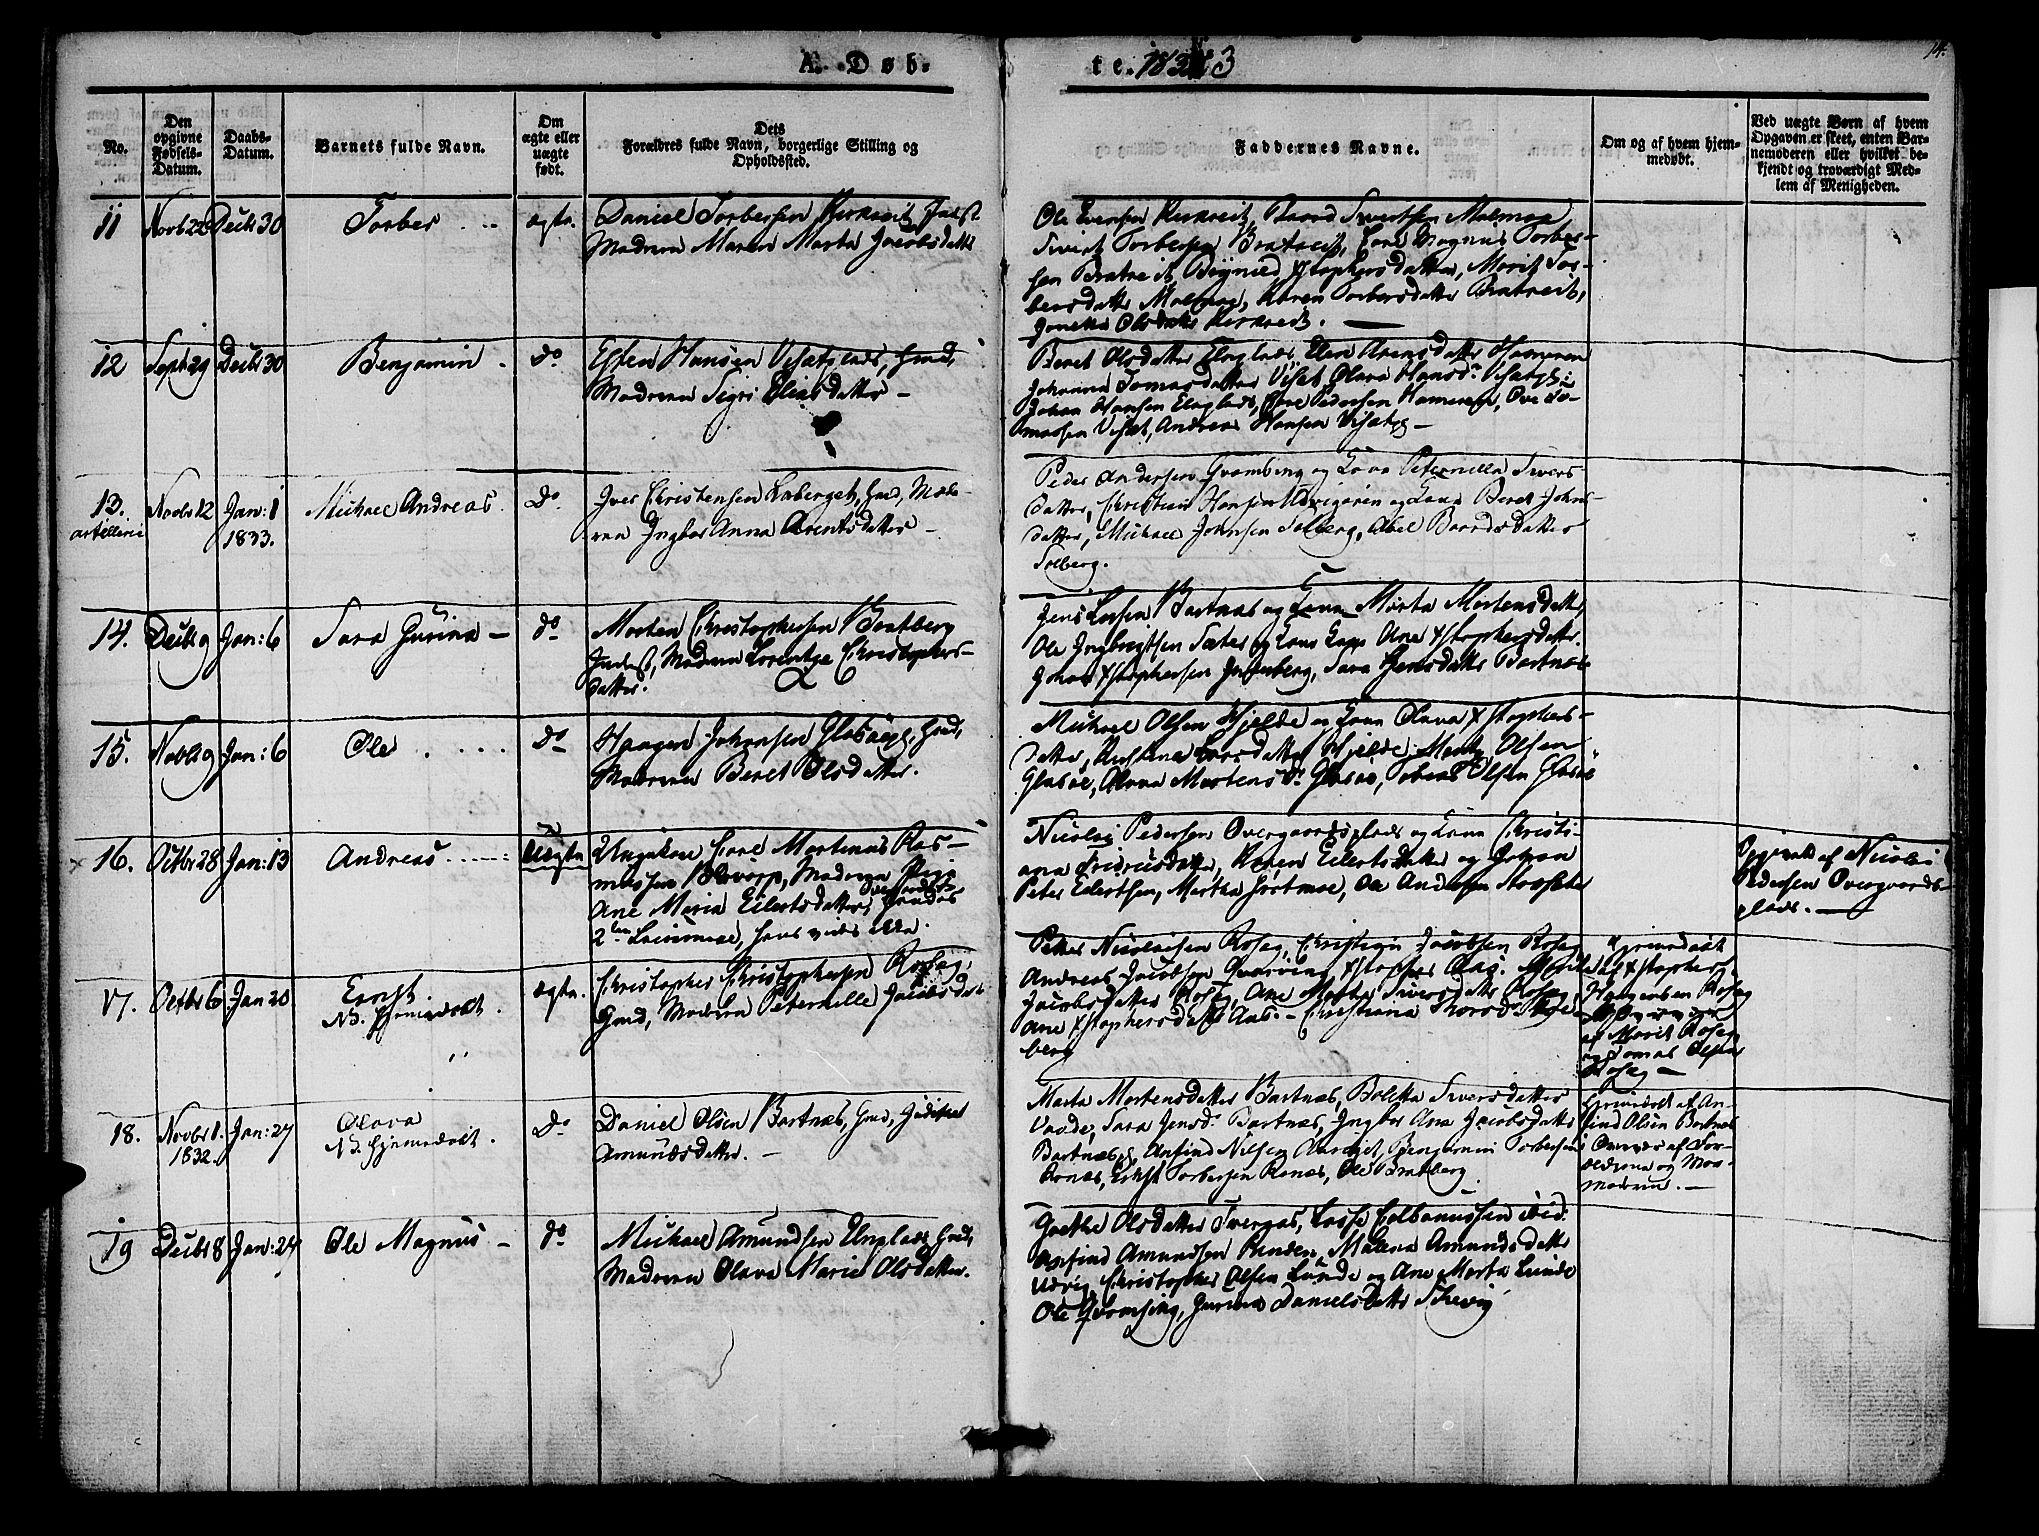 SAT, Ministerialprotokoller, klokkerbøker og fødselsregistre - Nord-Trøndelag, 741/L0391: Ministerialbok nr. 741A05, 1831-1836, s. 14